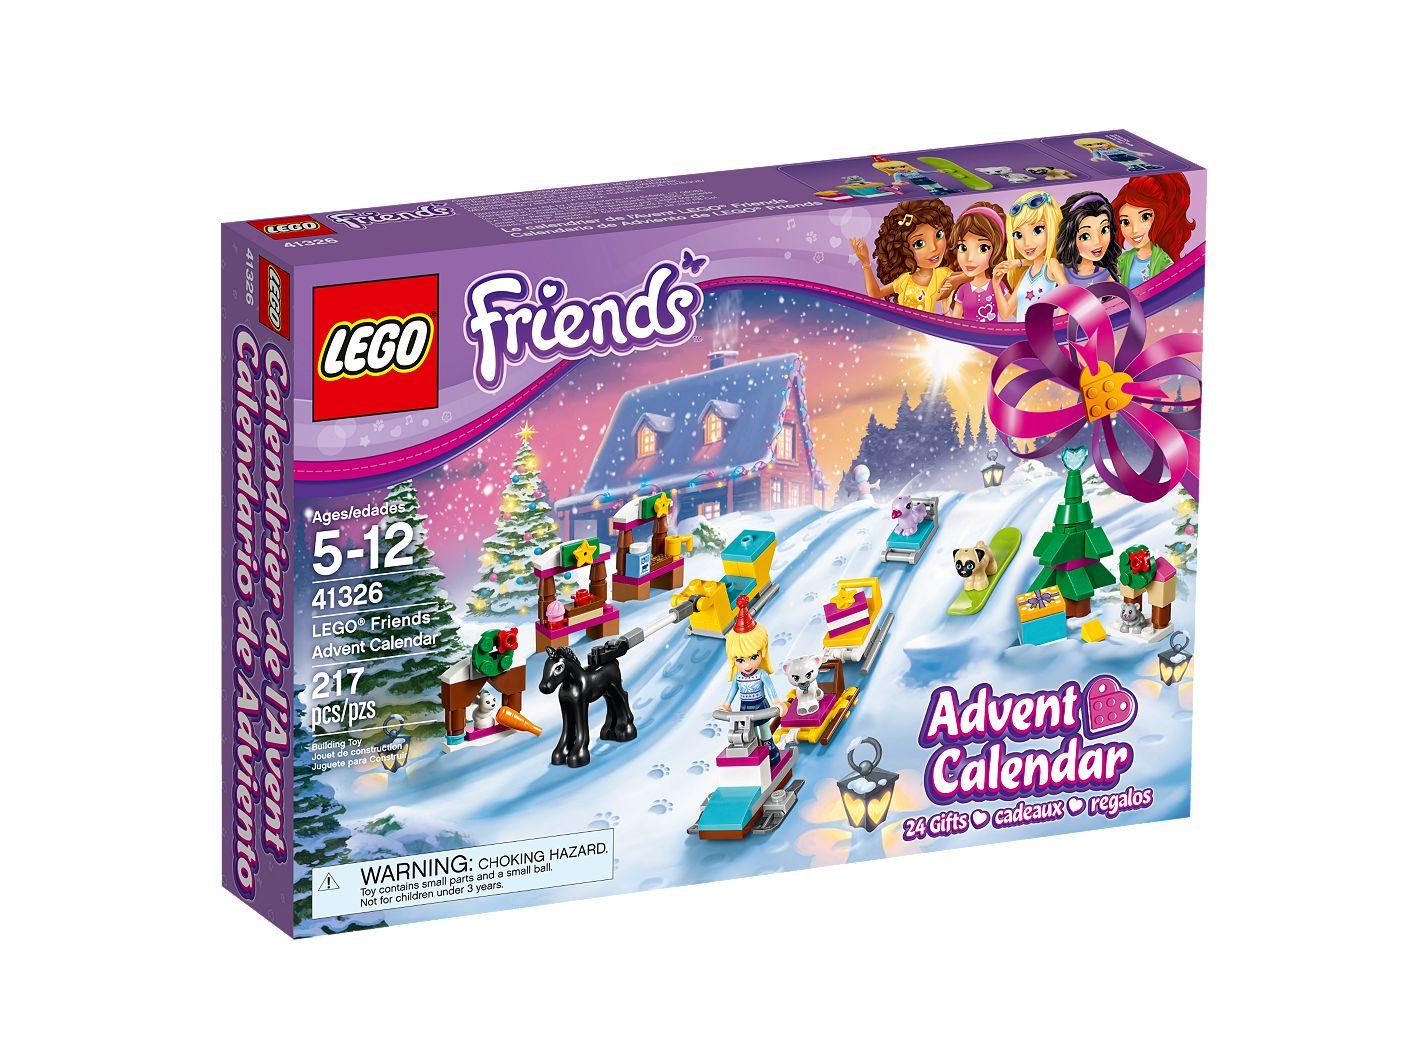 Calendrier Avent Duplo.Le Calendrier De L Avent Lego Friends 41326 Friends Boutique Lego Officielle Fr